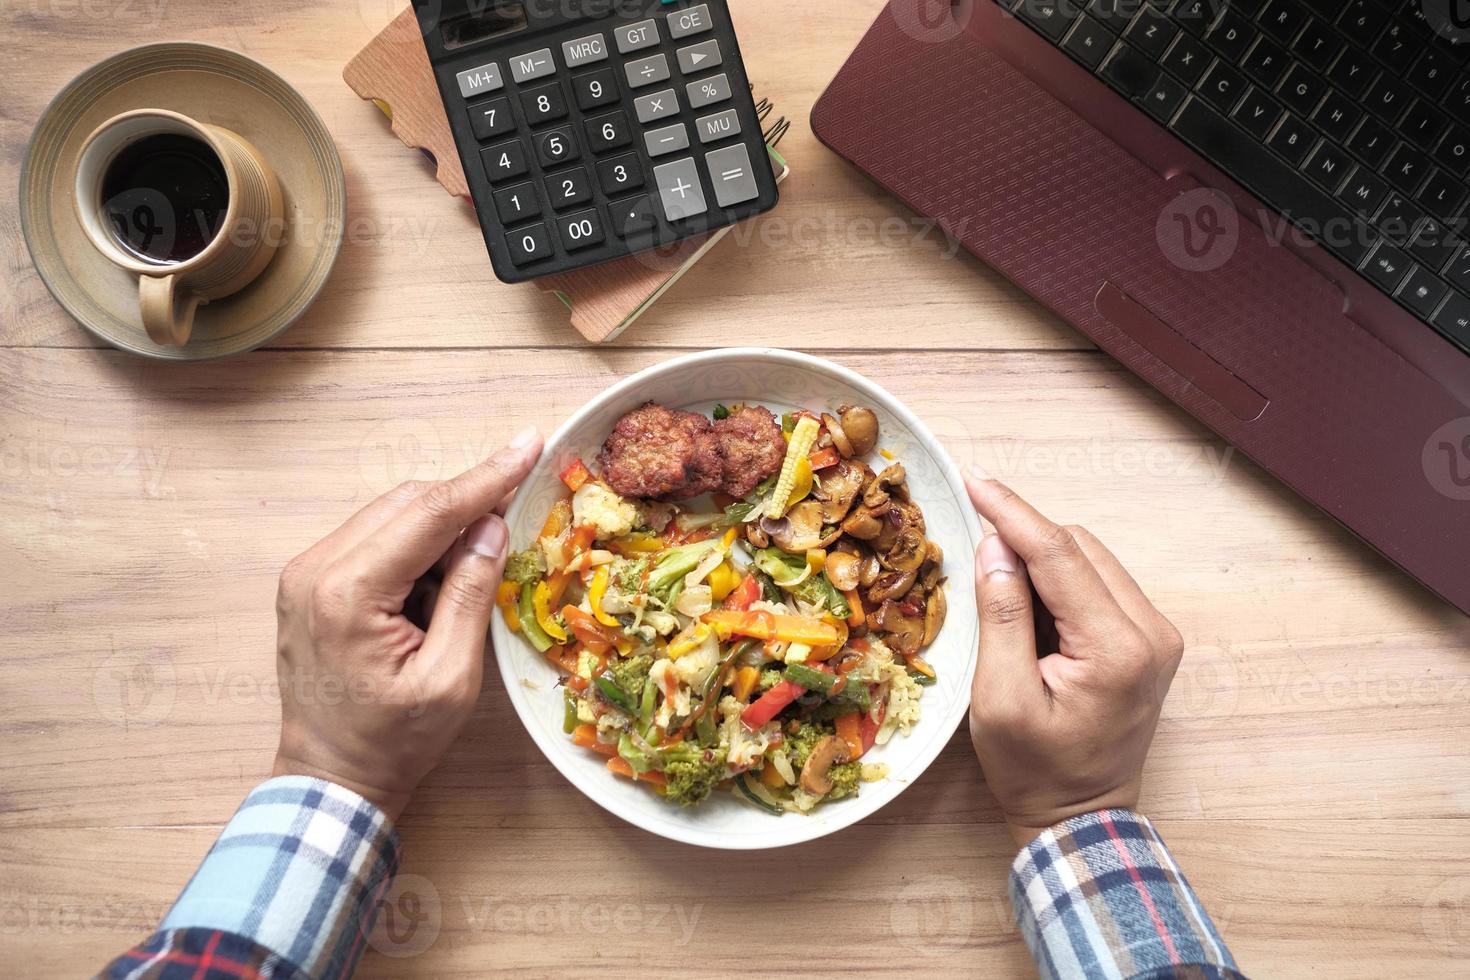 Persona comiendo salteados en la mesa de trabajo foto